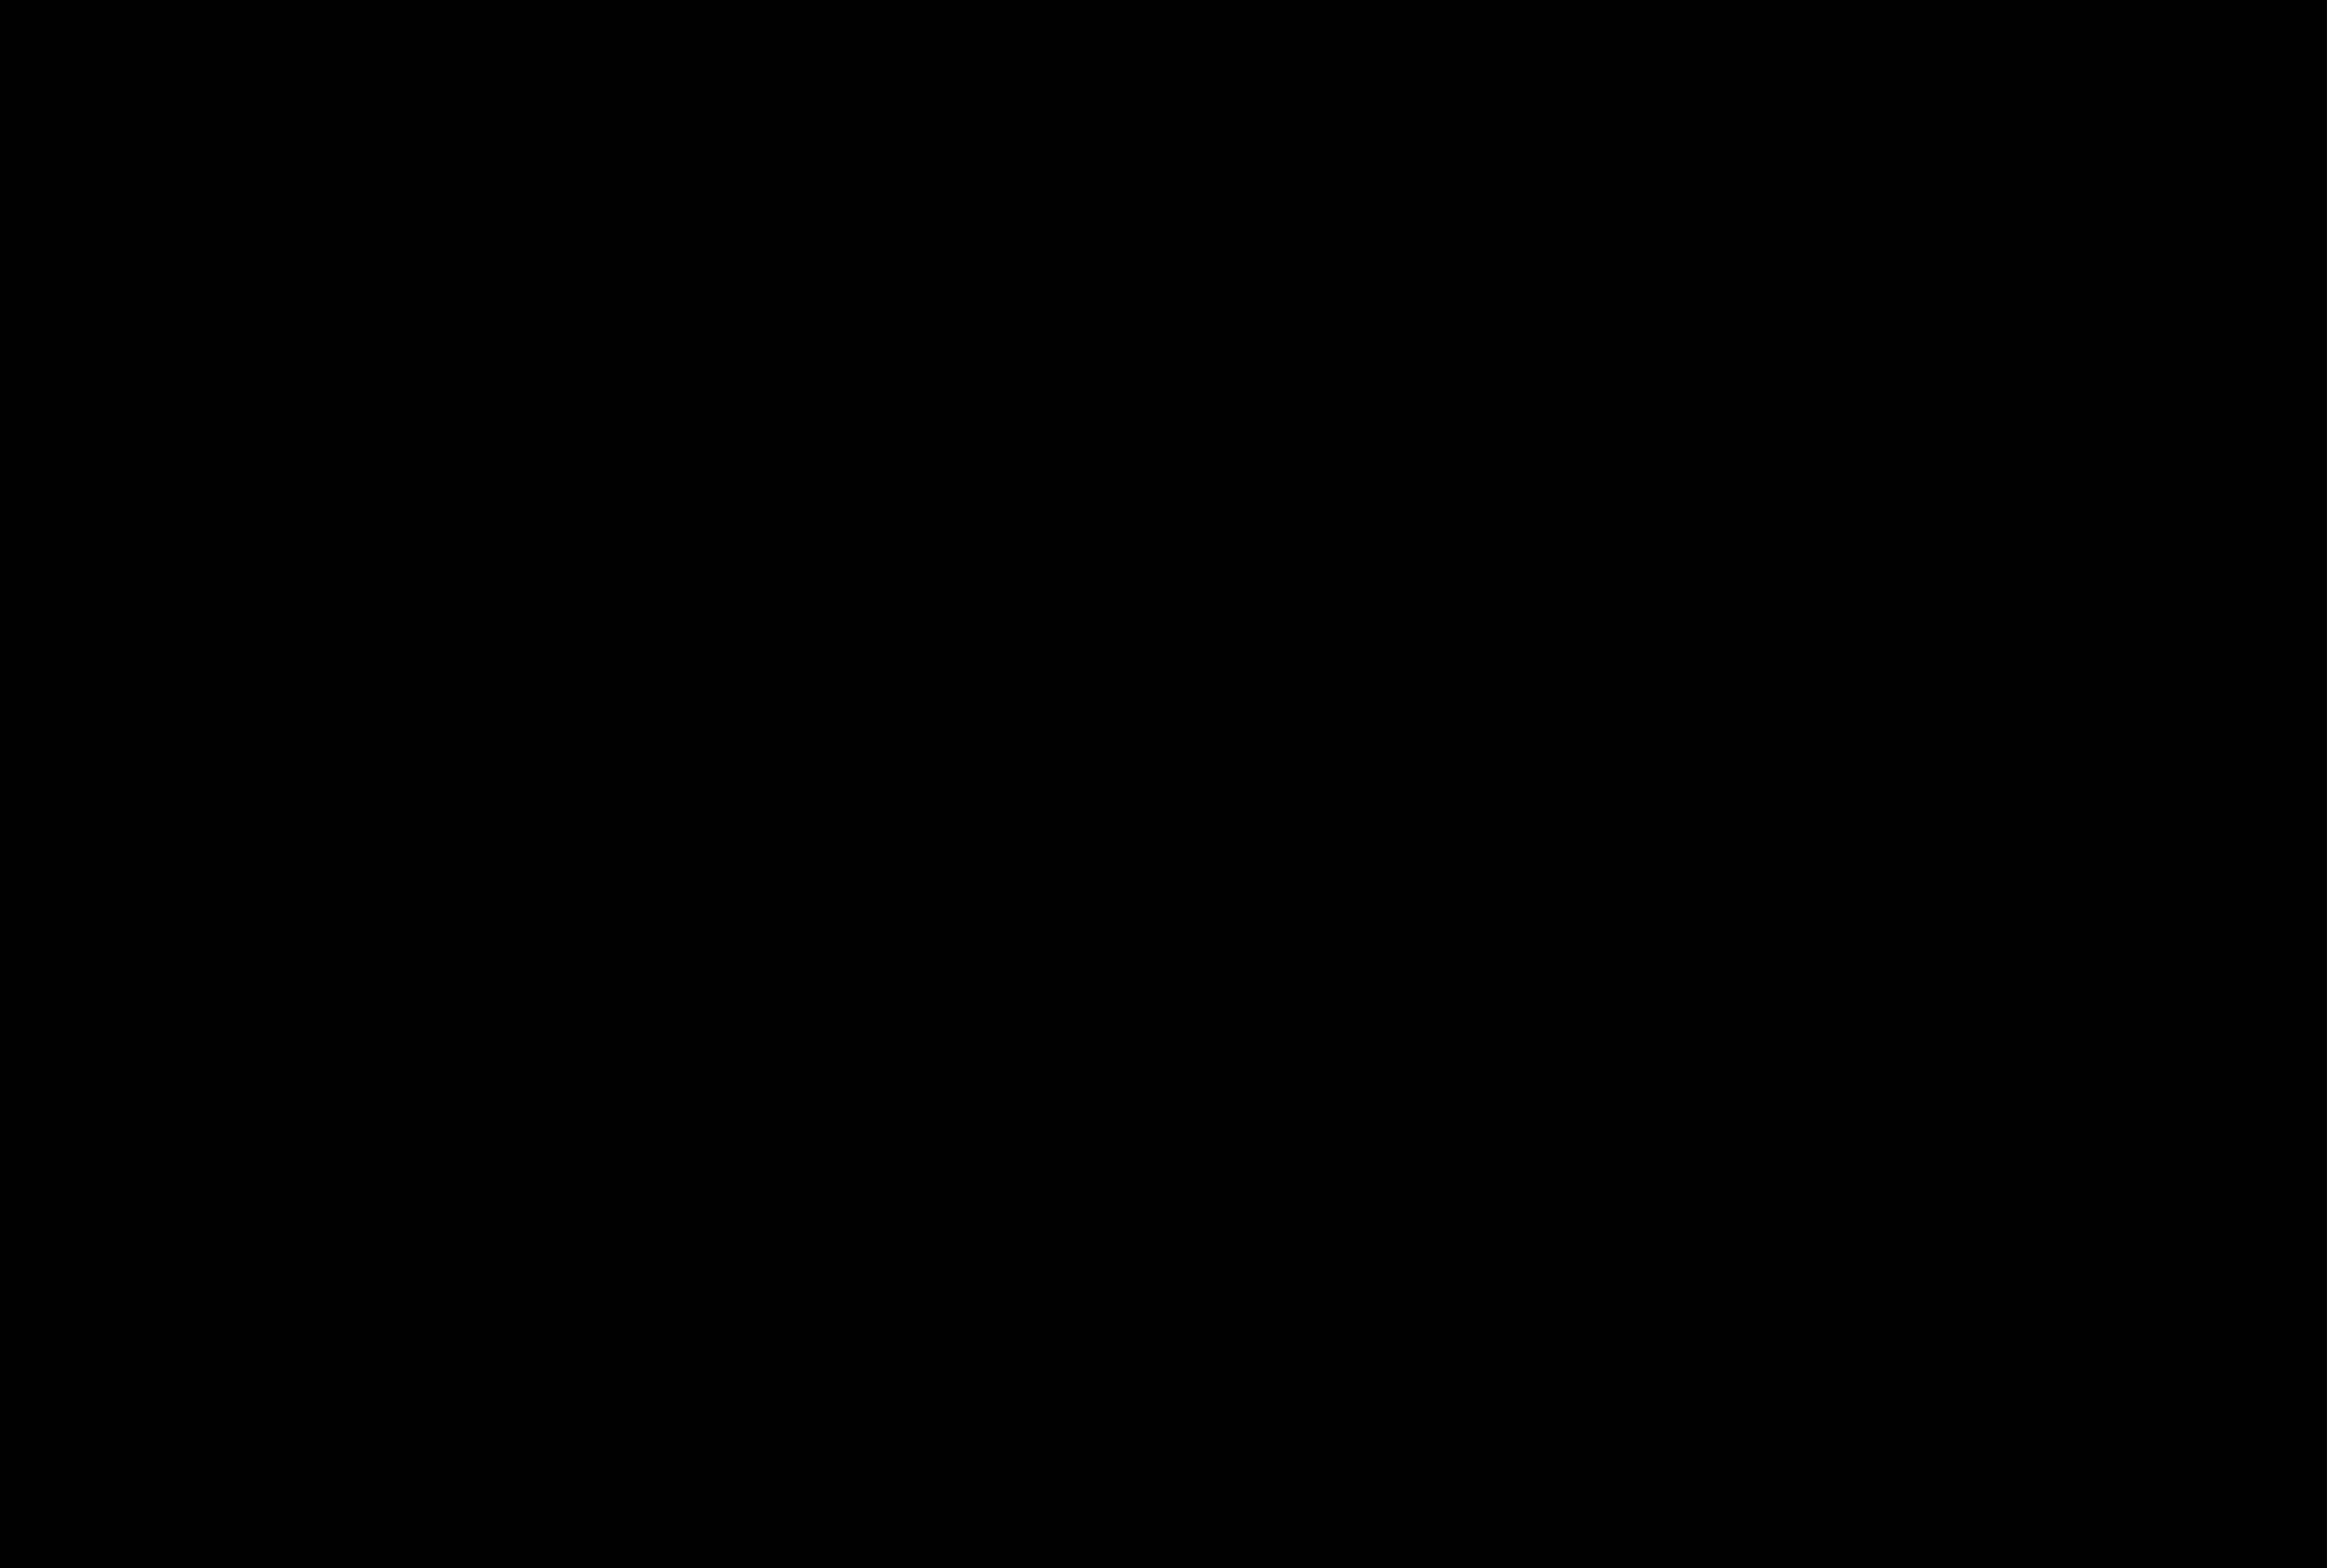 6 Grunge Brush Stroke Rectangle Frame (PNG Transparent).